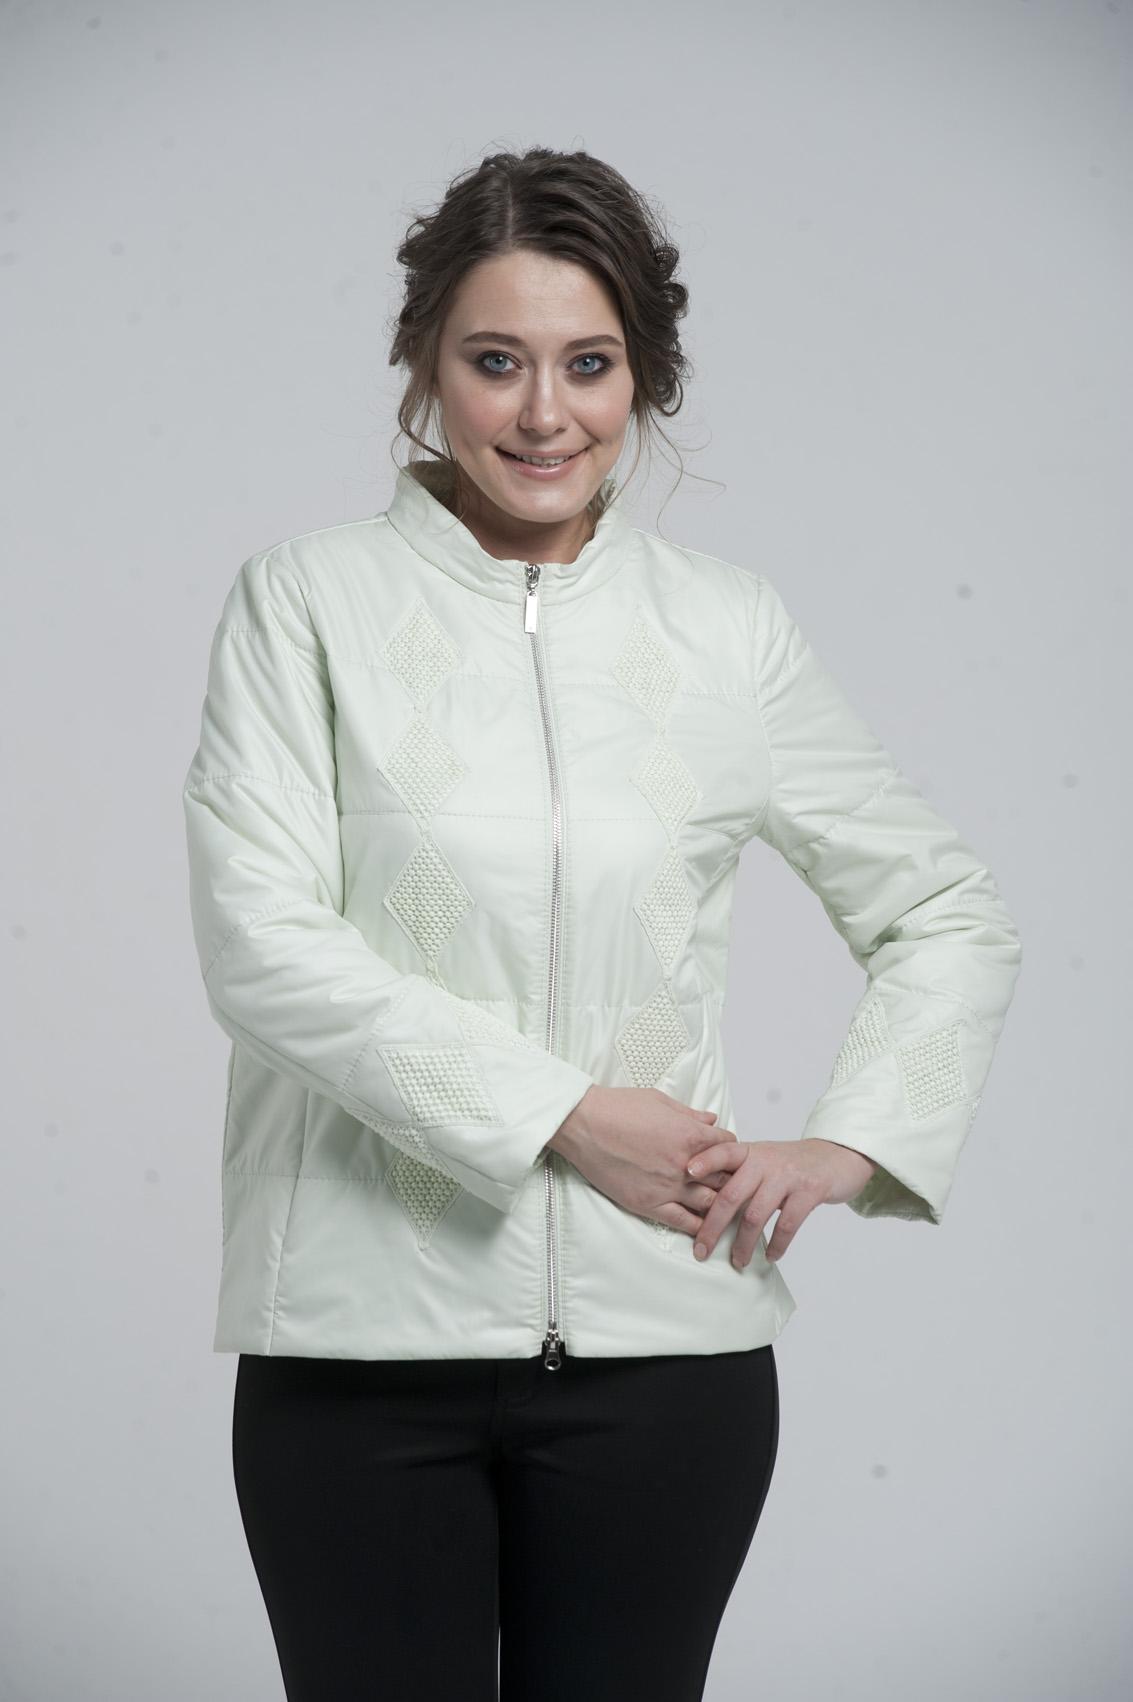 Куртка женская из текстиля с воротником, без отделки<br><br>Воротник: стойка<br>Длина см: Короткая (51-74 )<br>Материал: Текстиль<br>Цвет: молочный<br>Вид застежки: центральная<br>Застежка: на молнии<br>Пол: Женский<br>Размер RU: 54